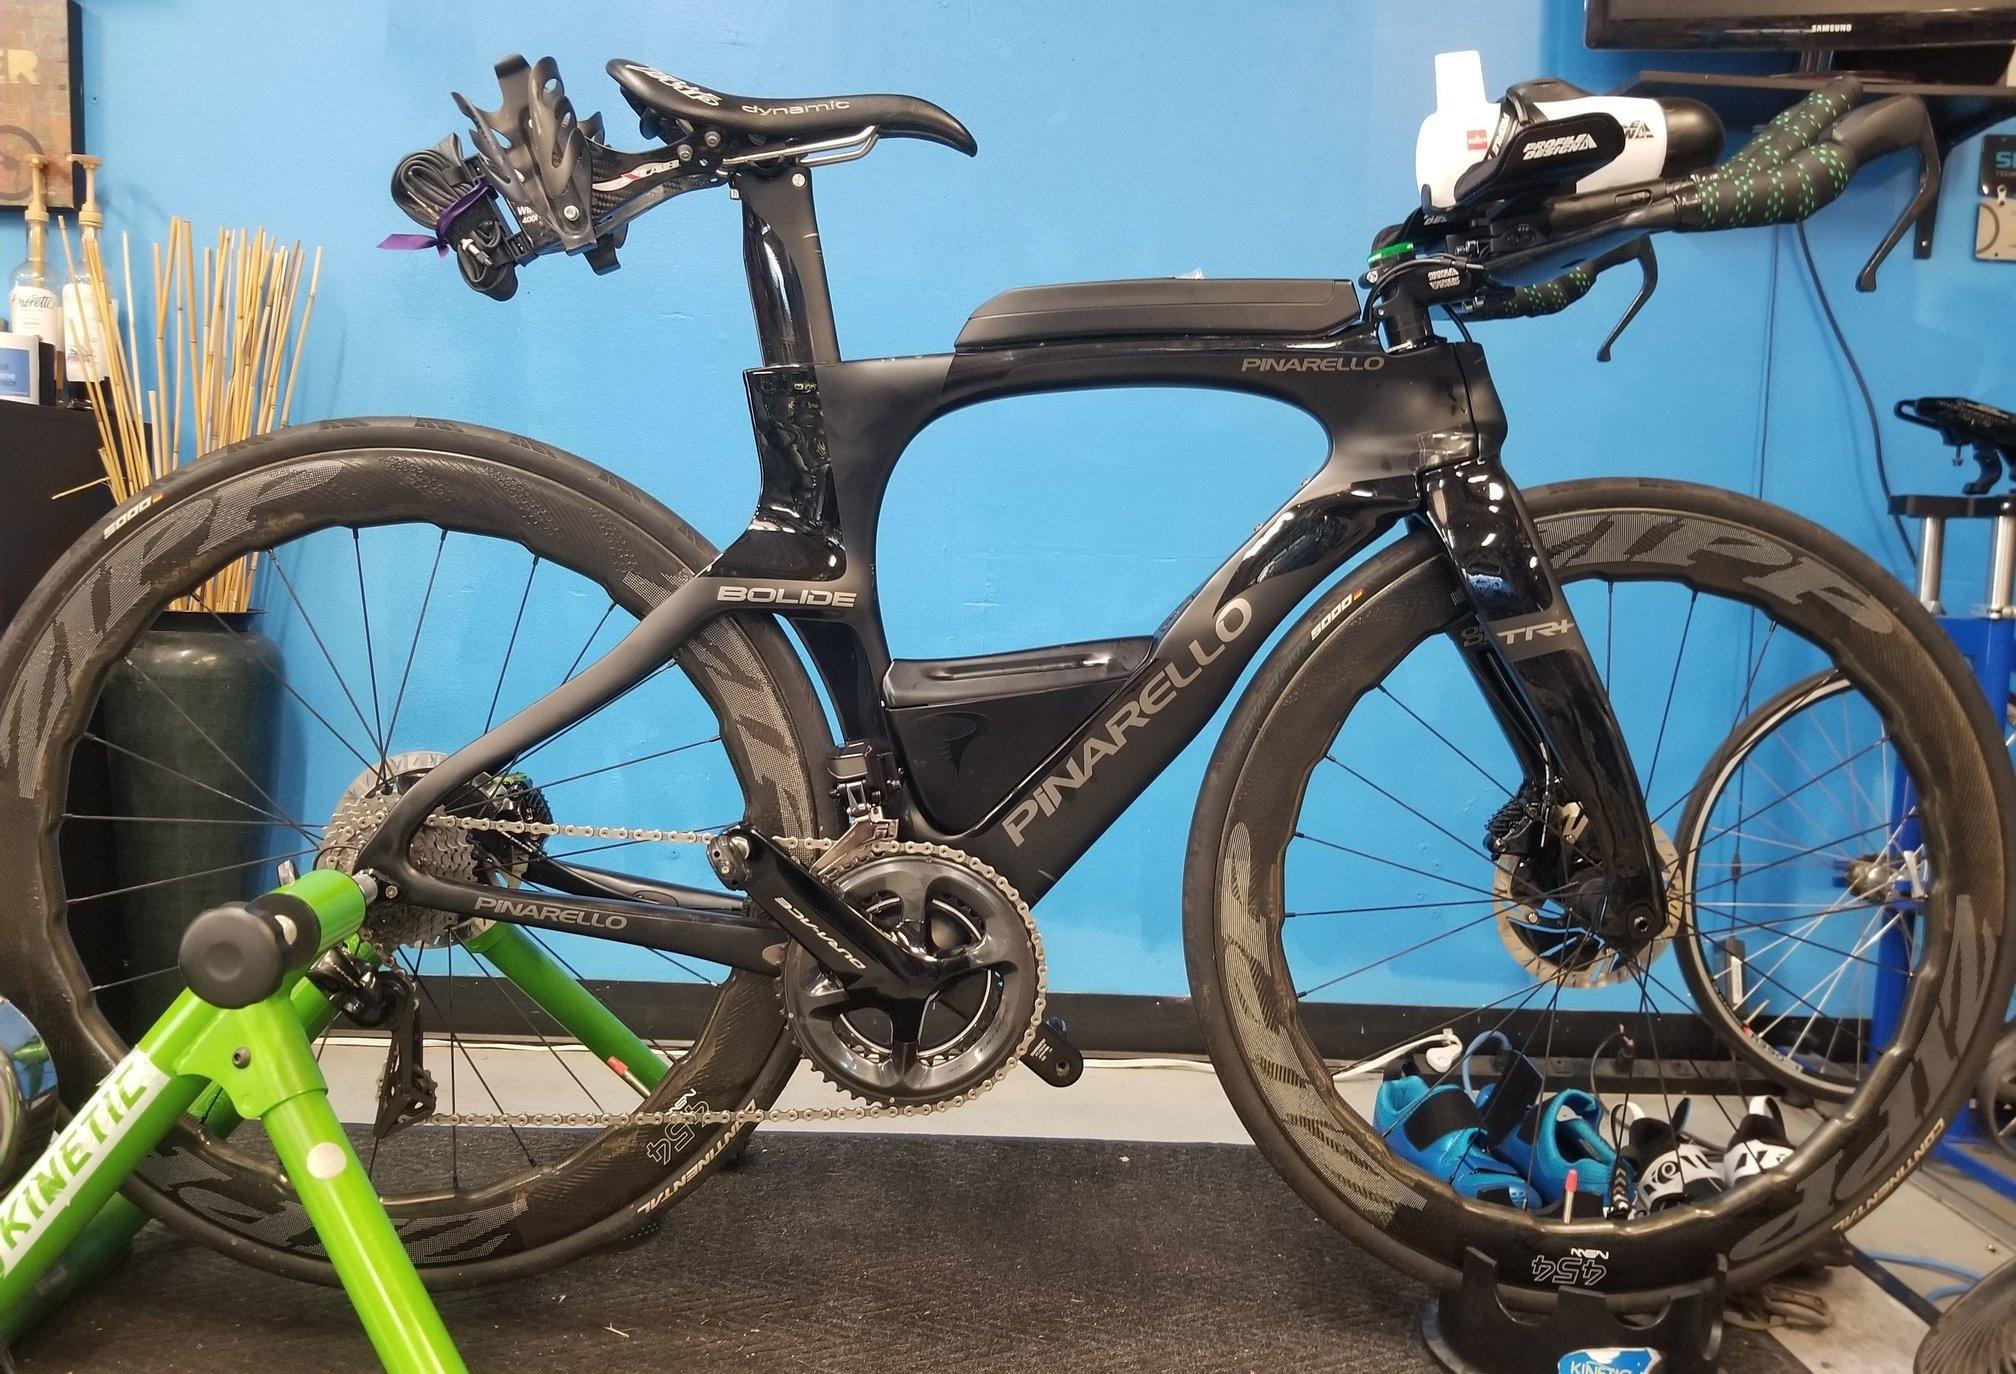 Pinarello Bolide bicycle